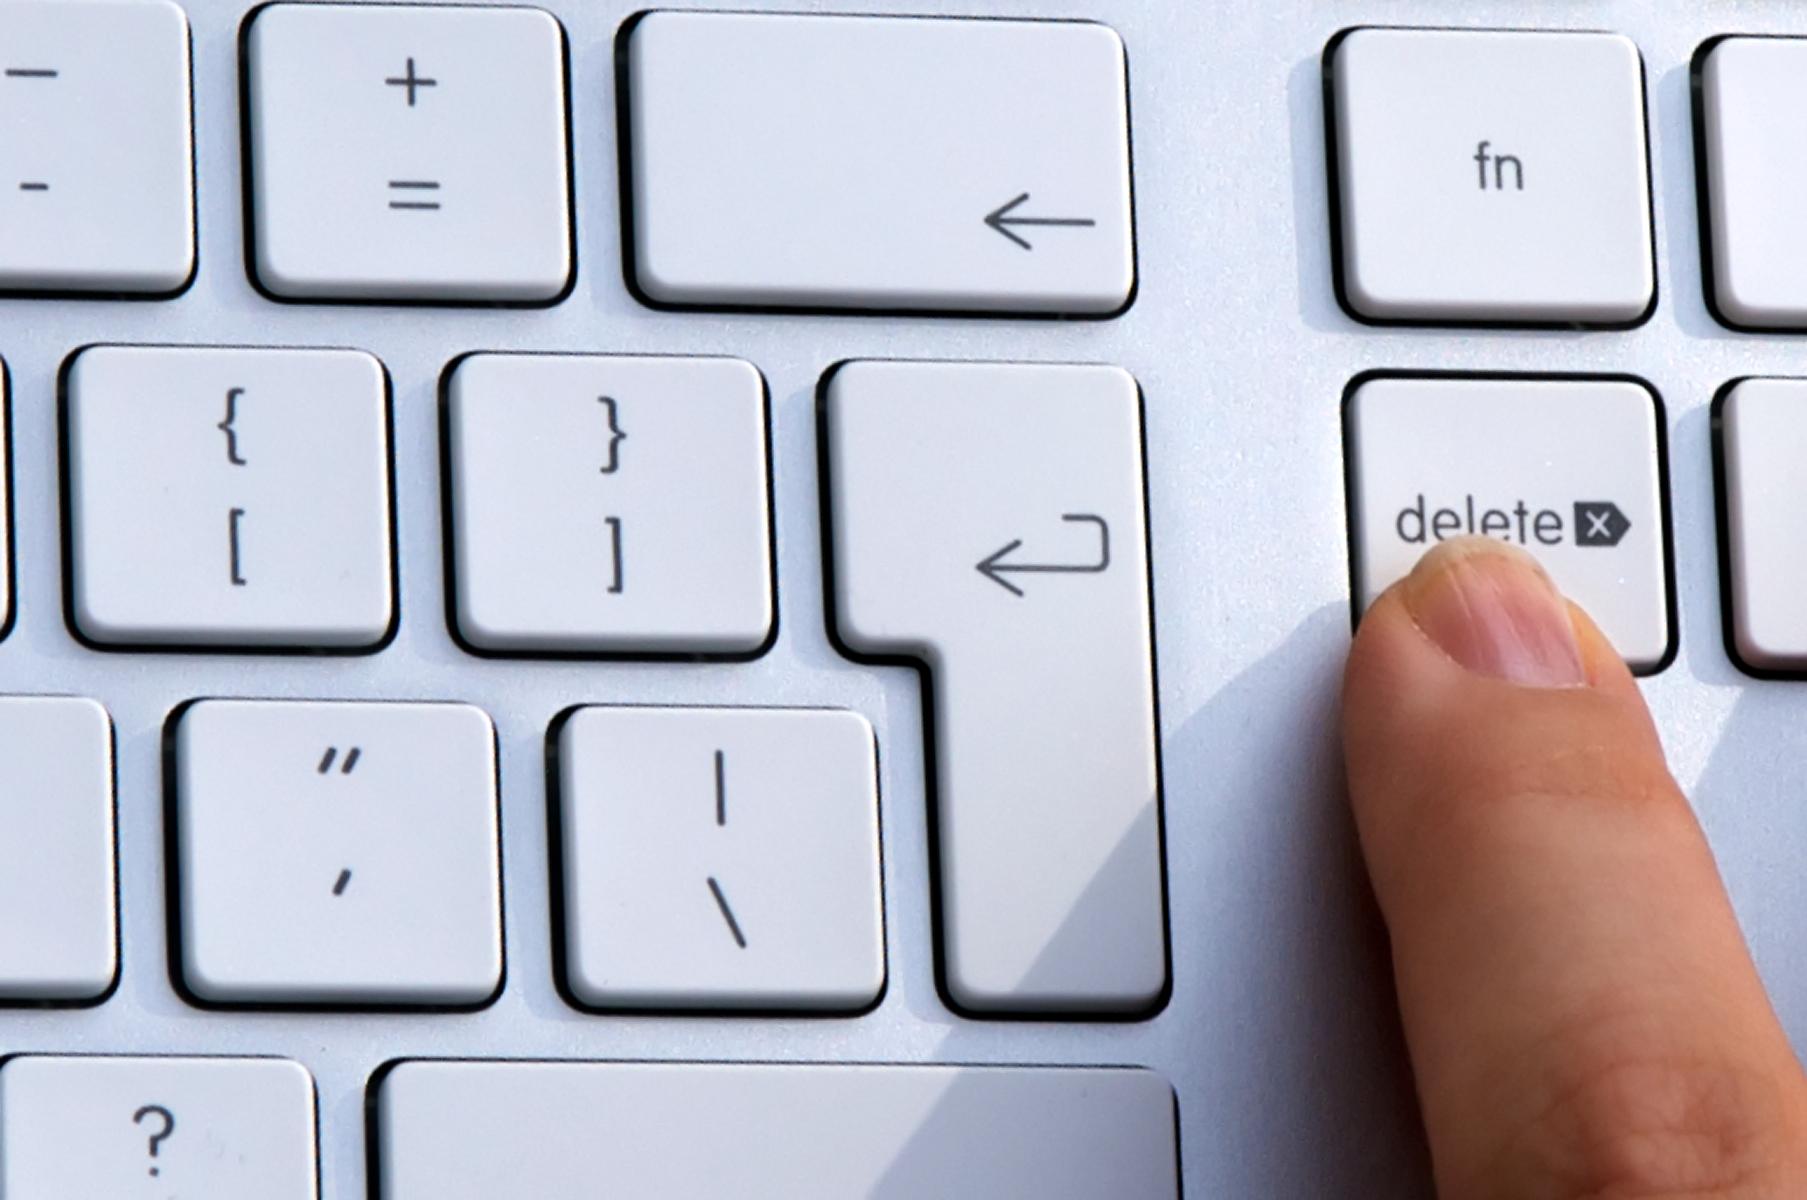 Delete Keyboard